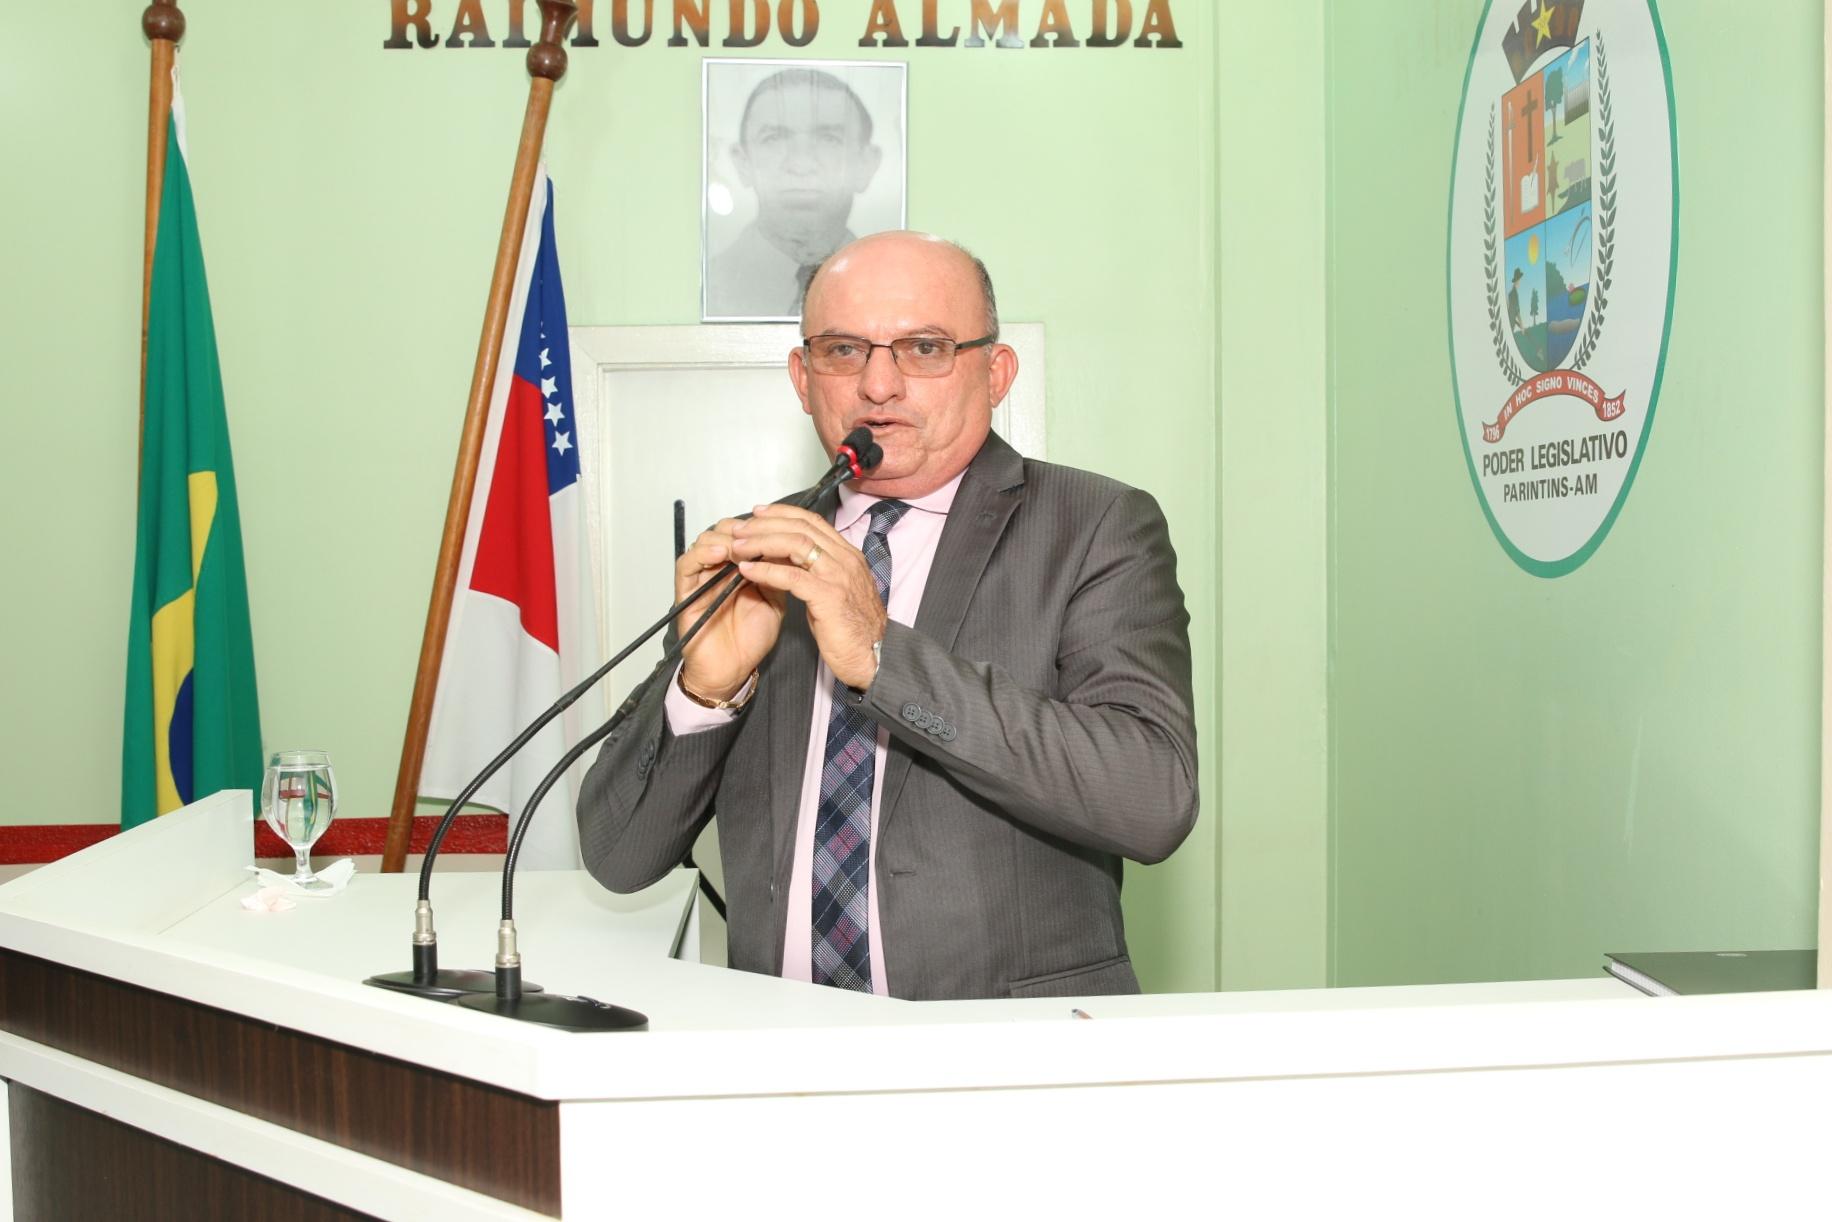 Cabo Linhares solicita Luminárias para Vila Amazônia e pagamento de hora extra para guarda municipais que vão atuar no Festival de Verão do Caburi